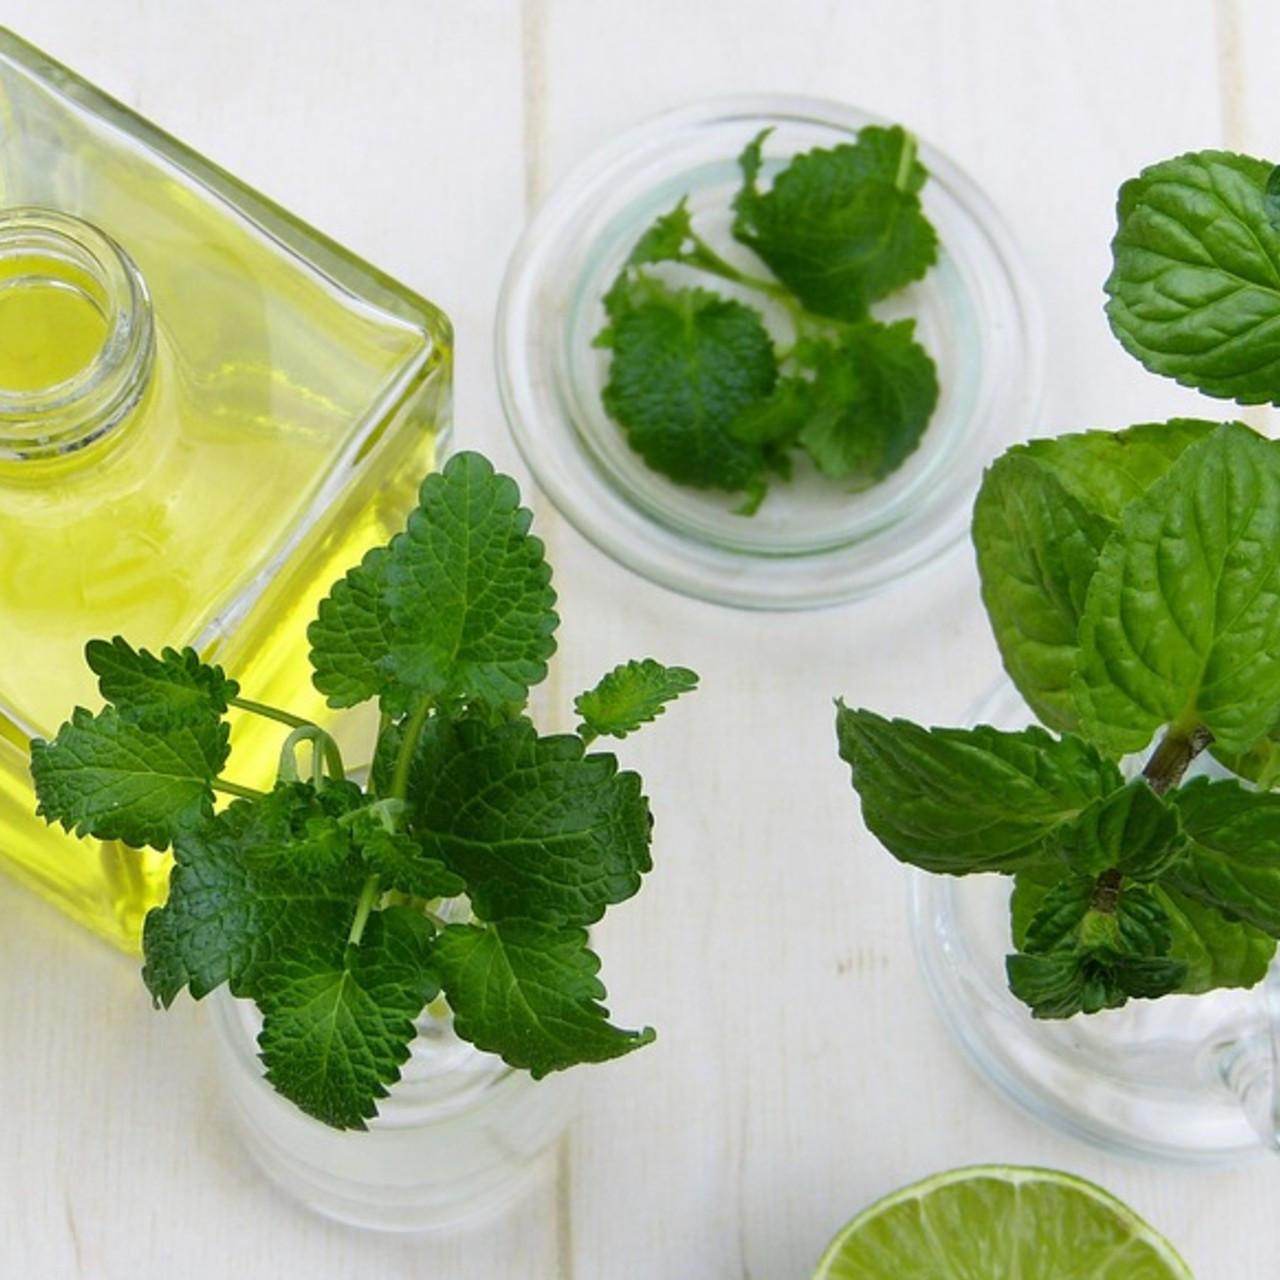 Buy Eucalyptus Mentha Lavender Rosemary Essential Oil Blend Online